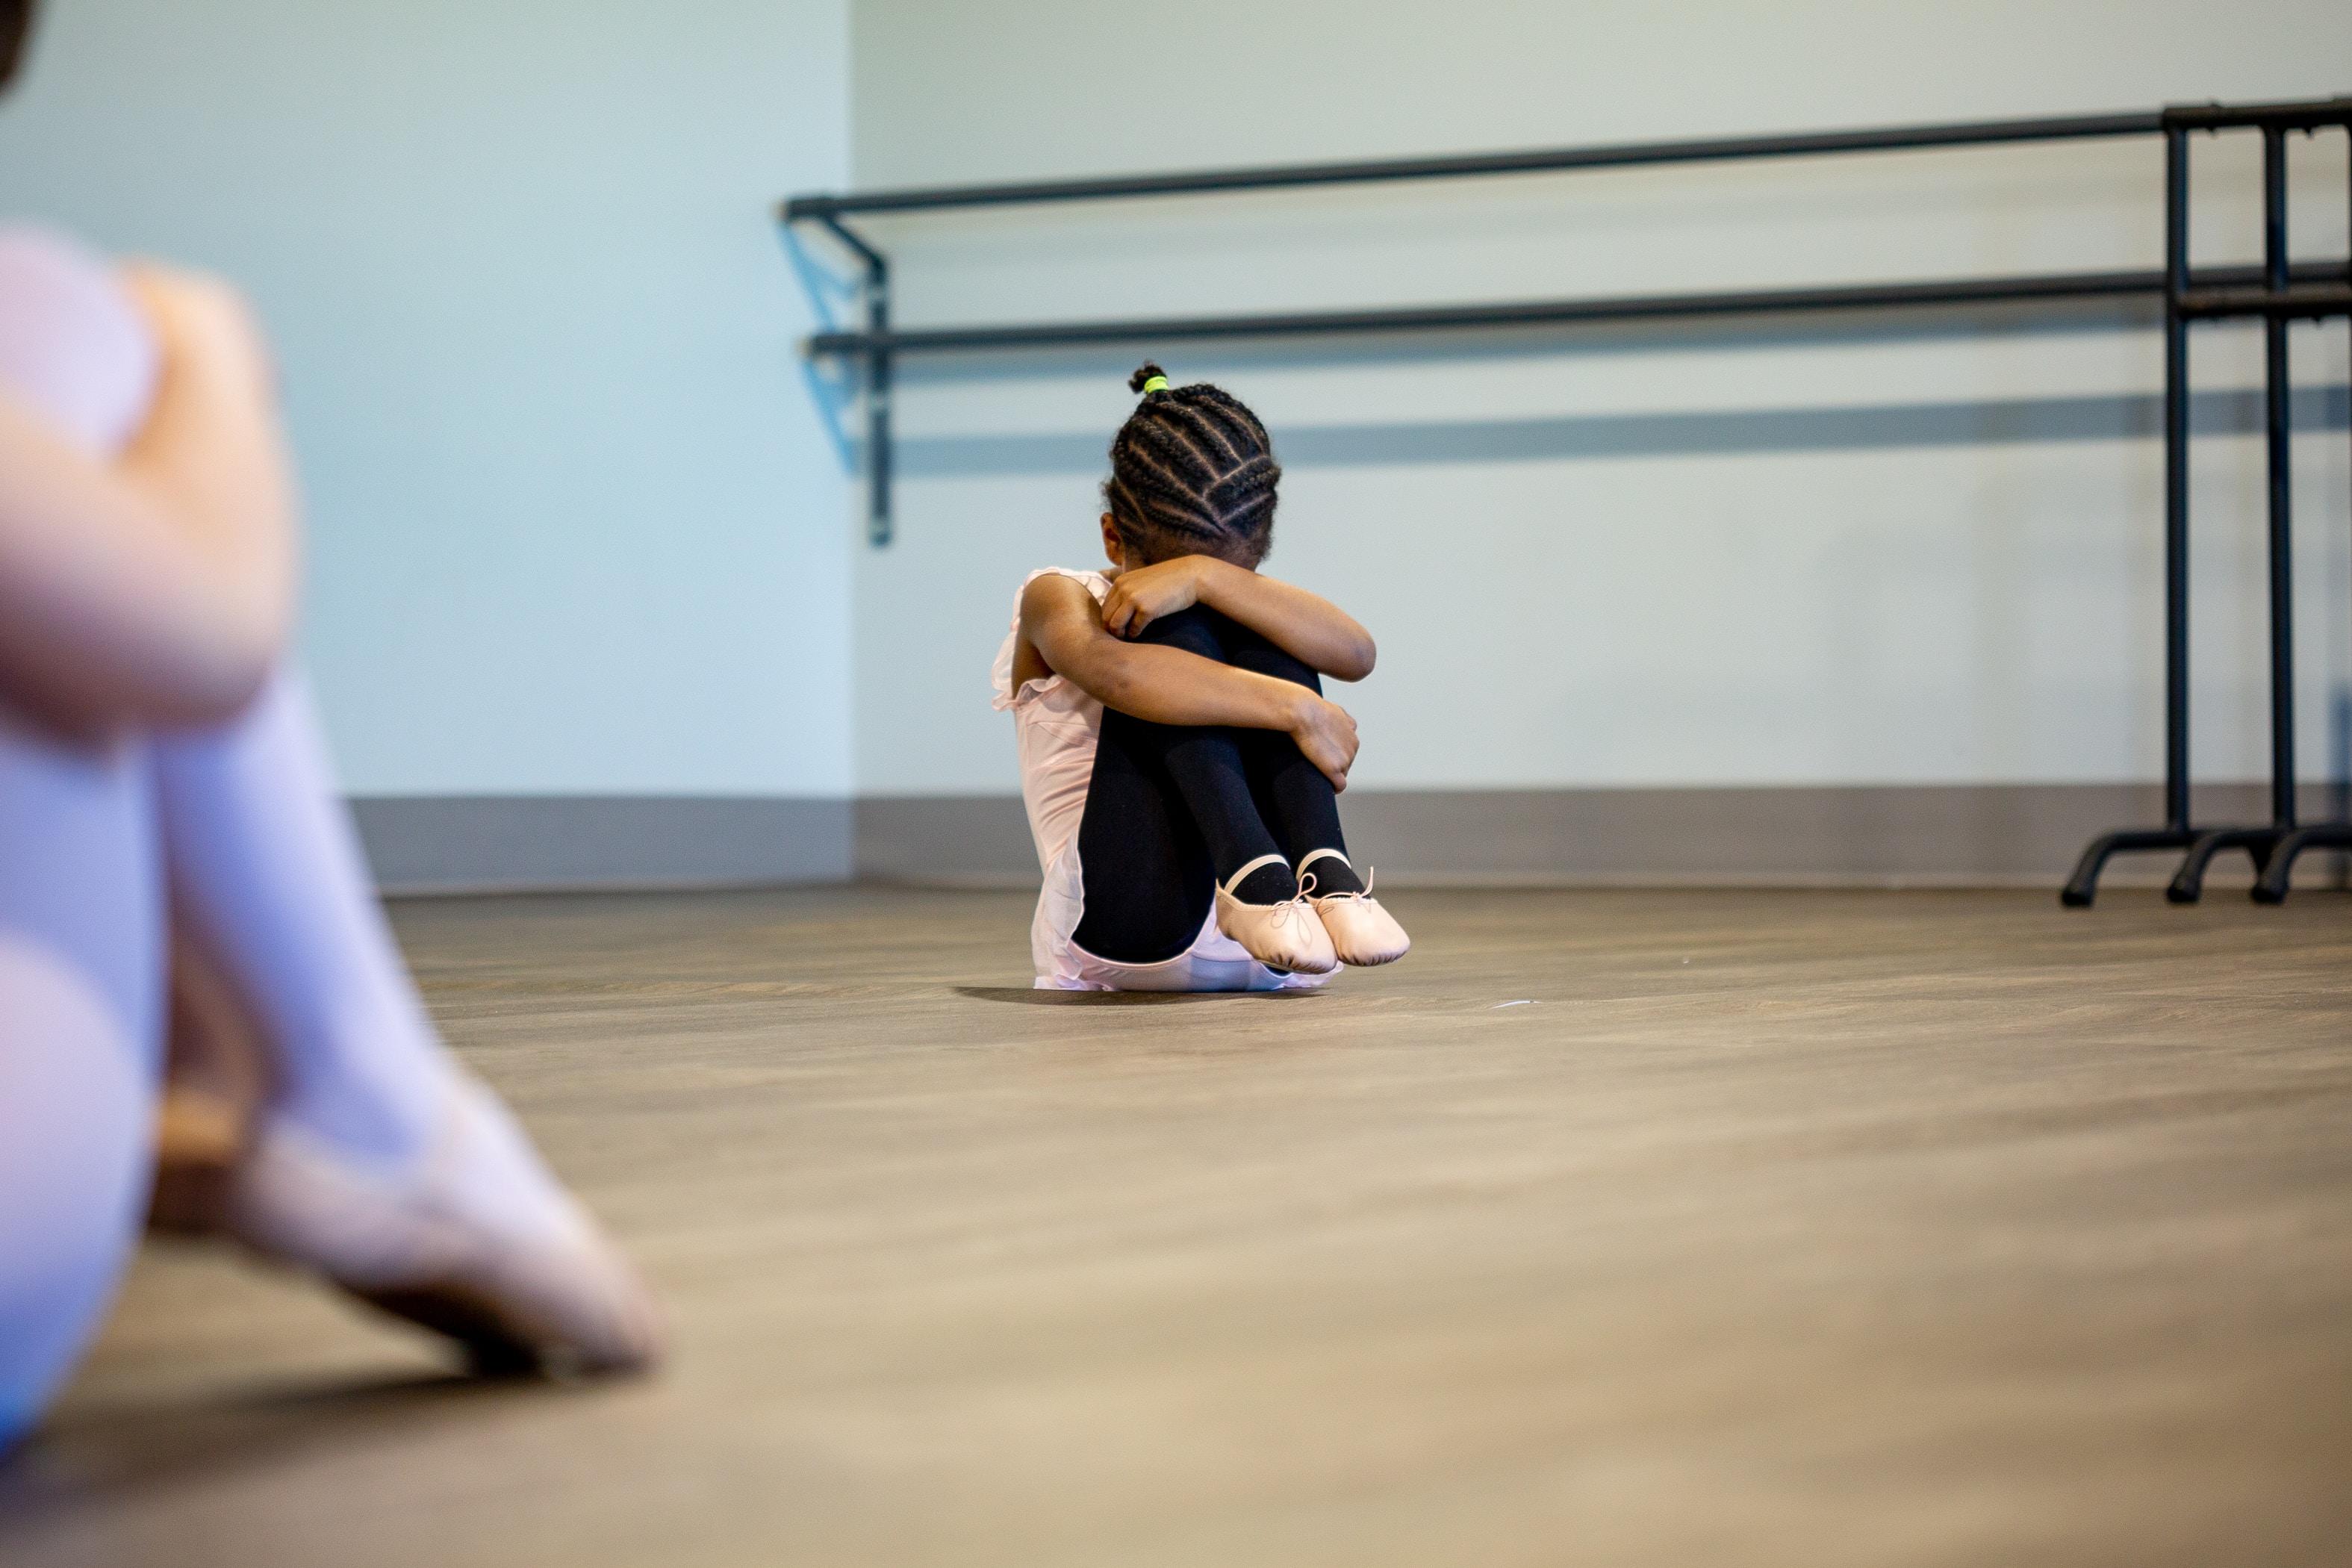 Girl performing ballet dance at a dancing studio